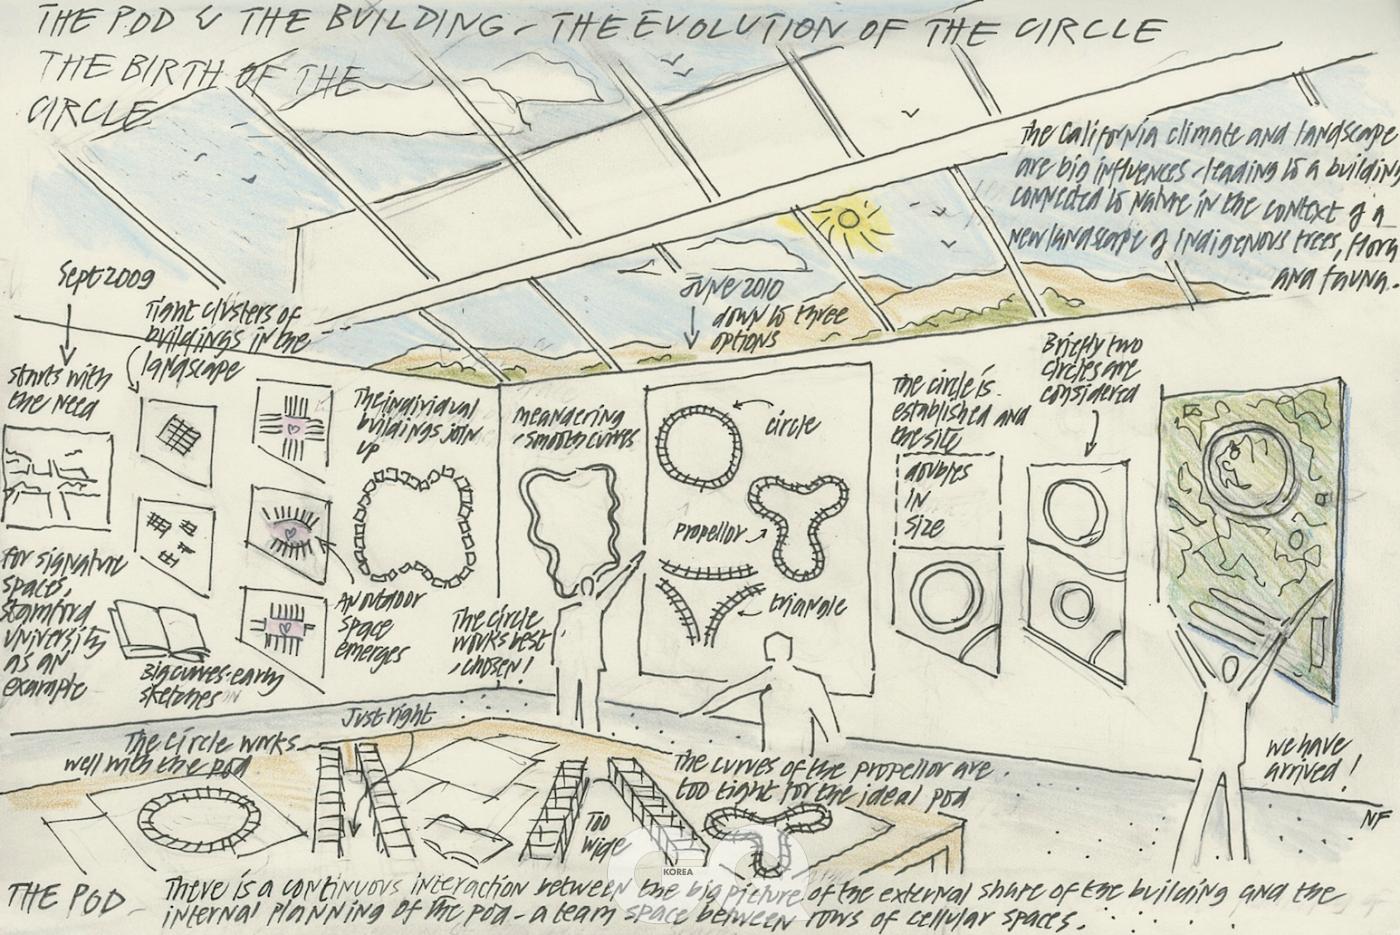 프로펠러 모양에서 원까지, 건물 형태의 진화를 보여주는 노먼 포스터의 스케치.